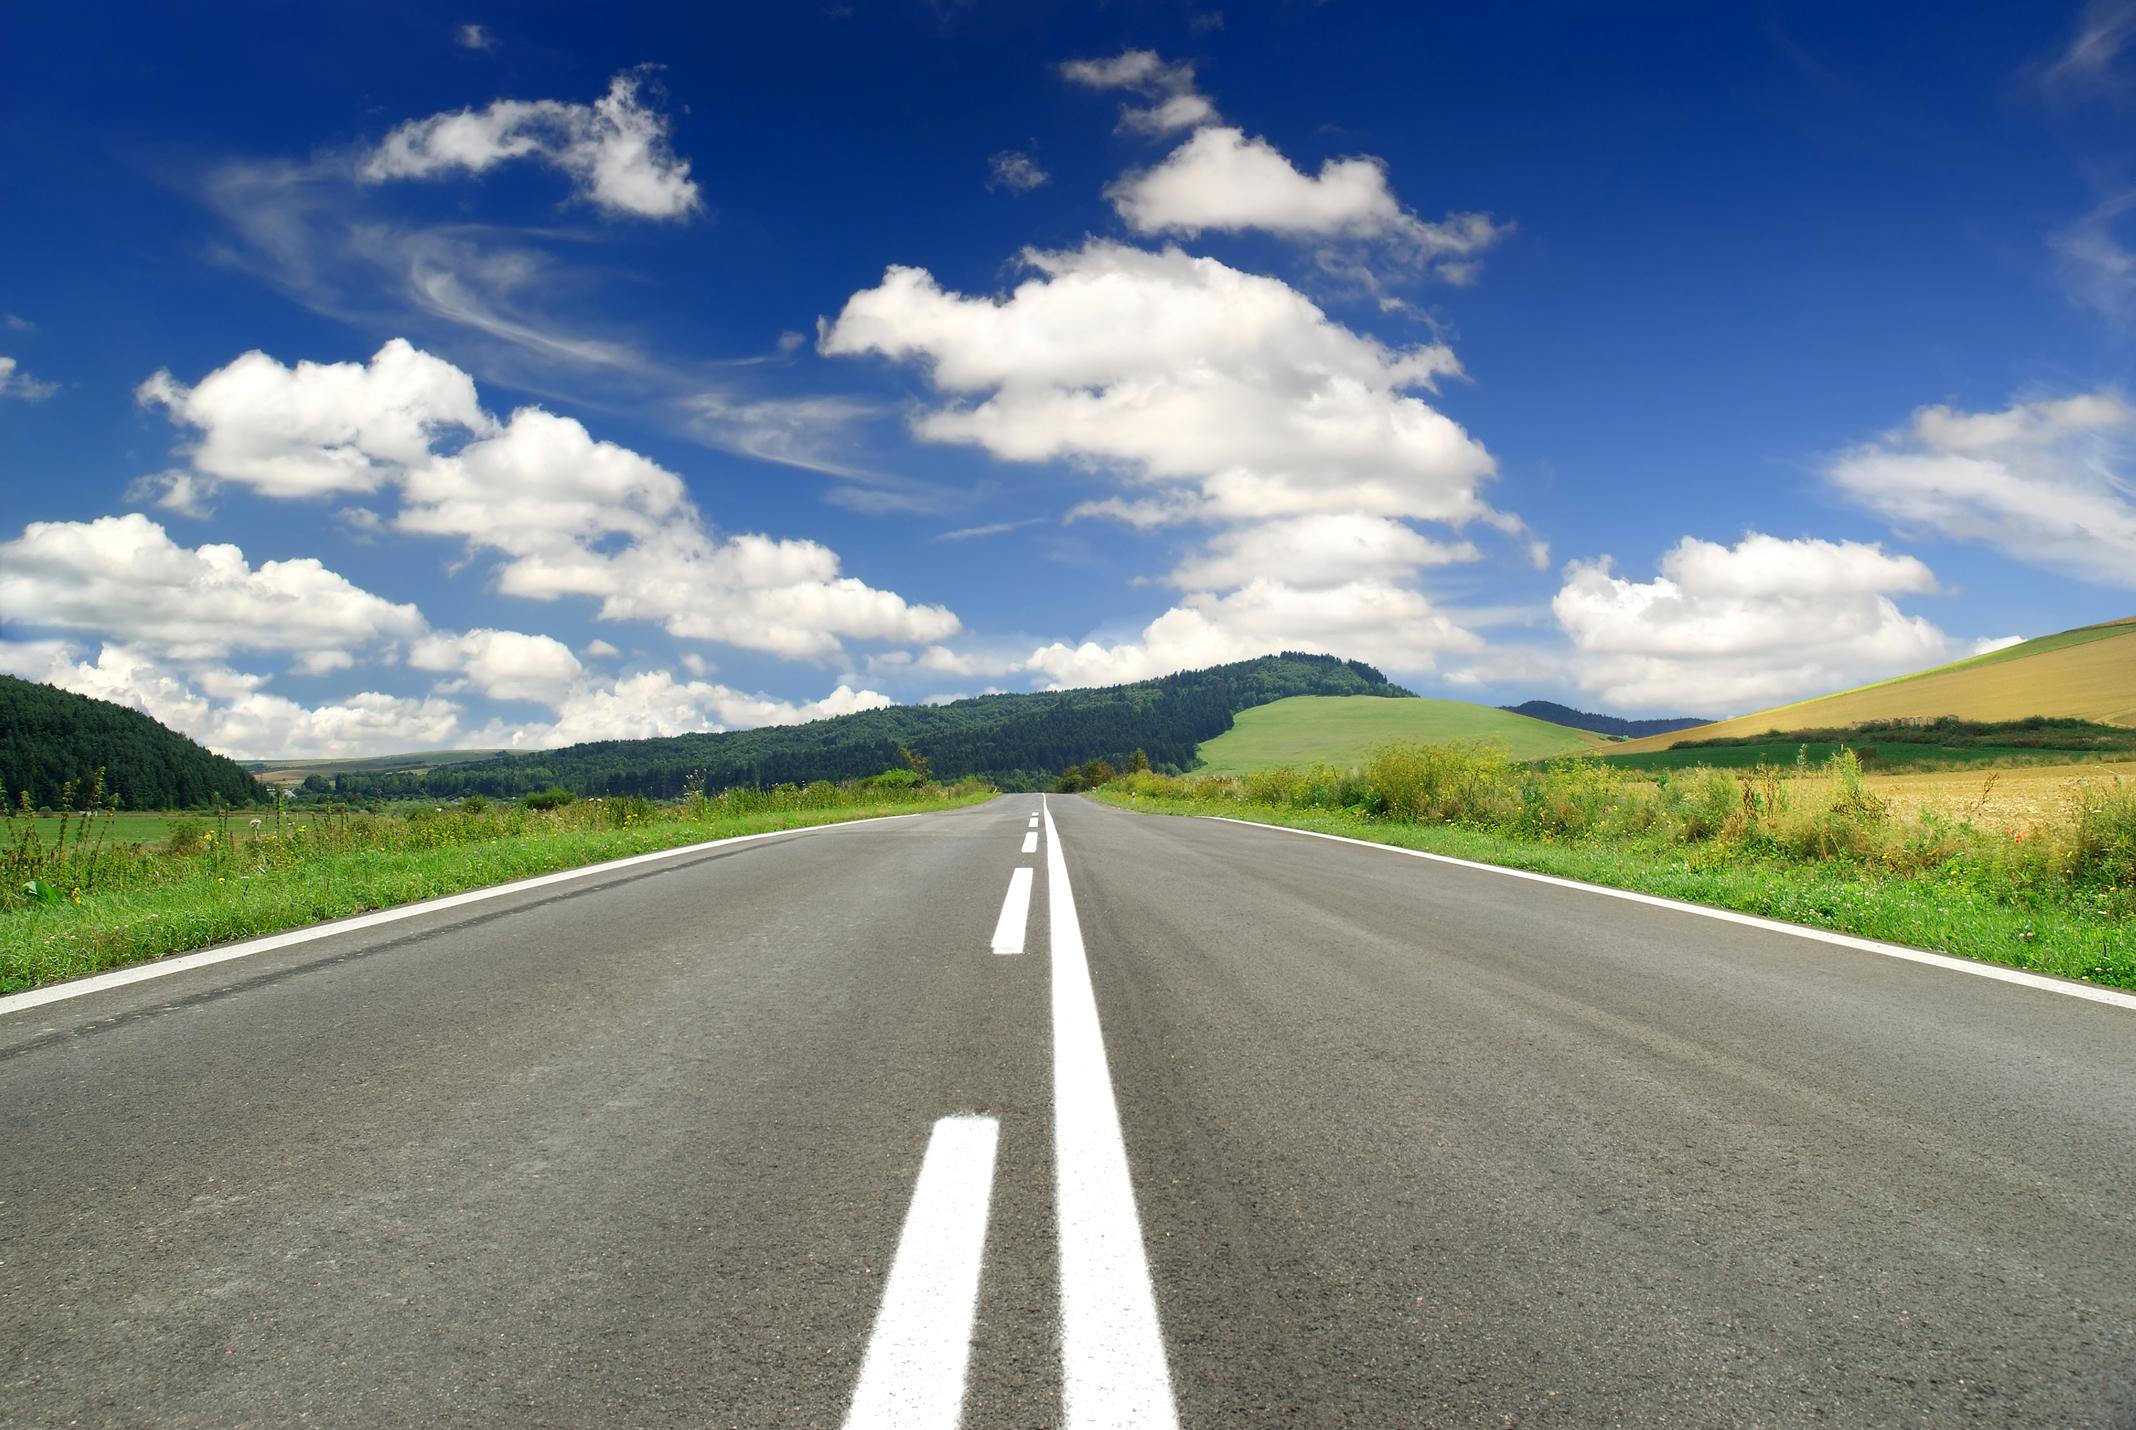 прямая асфальтовая дорога, уходящая вдаль за горизонт, скачать фото, шоссе